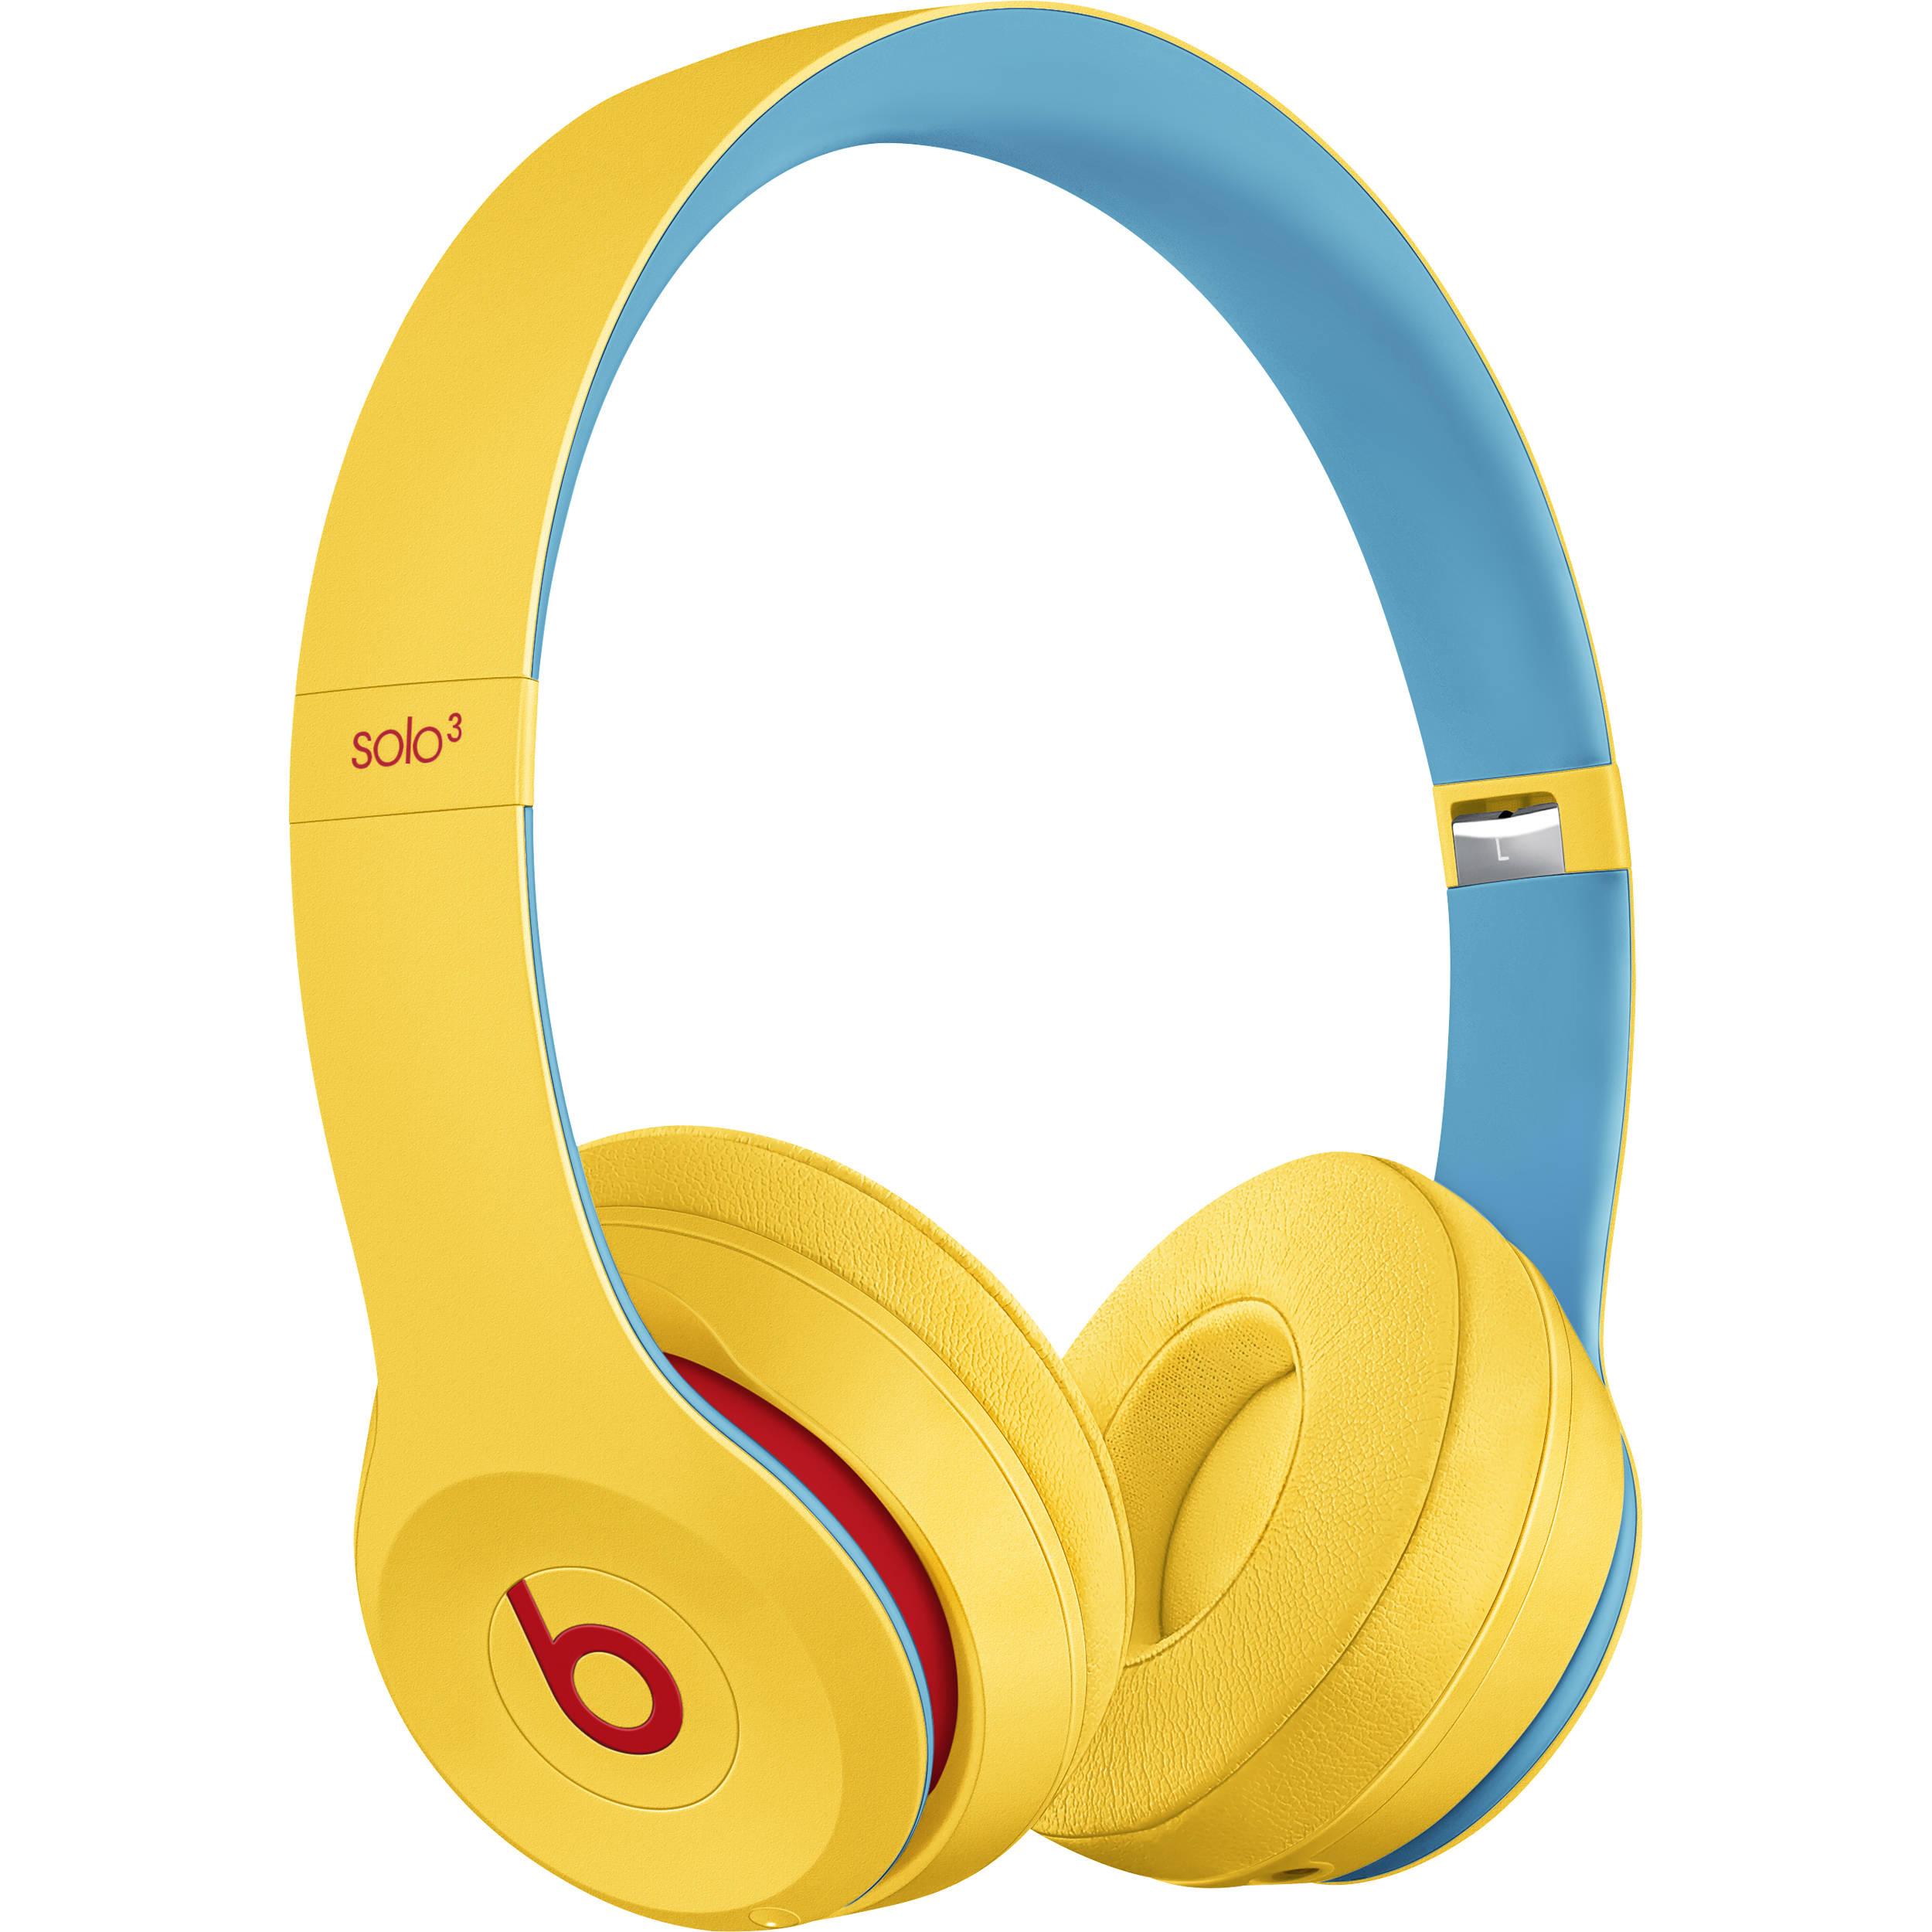 Beats By Dr Dre Beats Solo3 Wireless On Ear Headphones Mv8u2lla